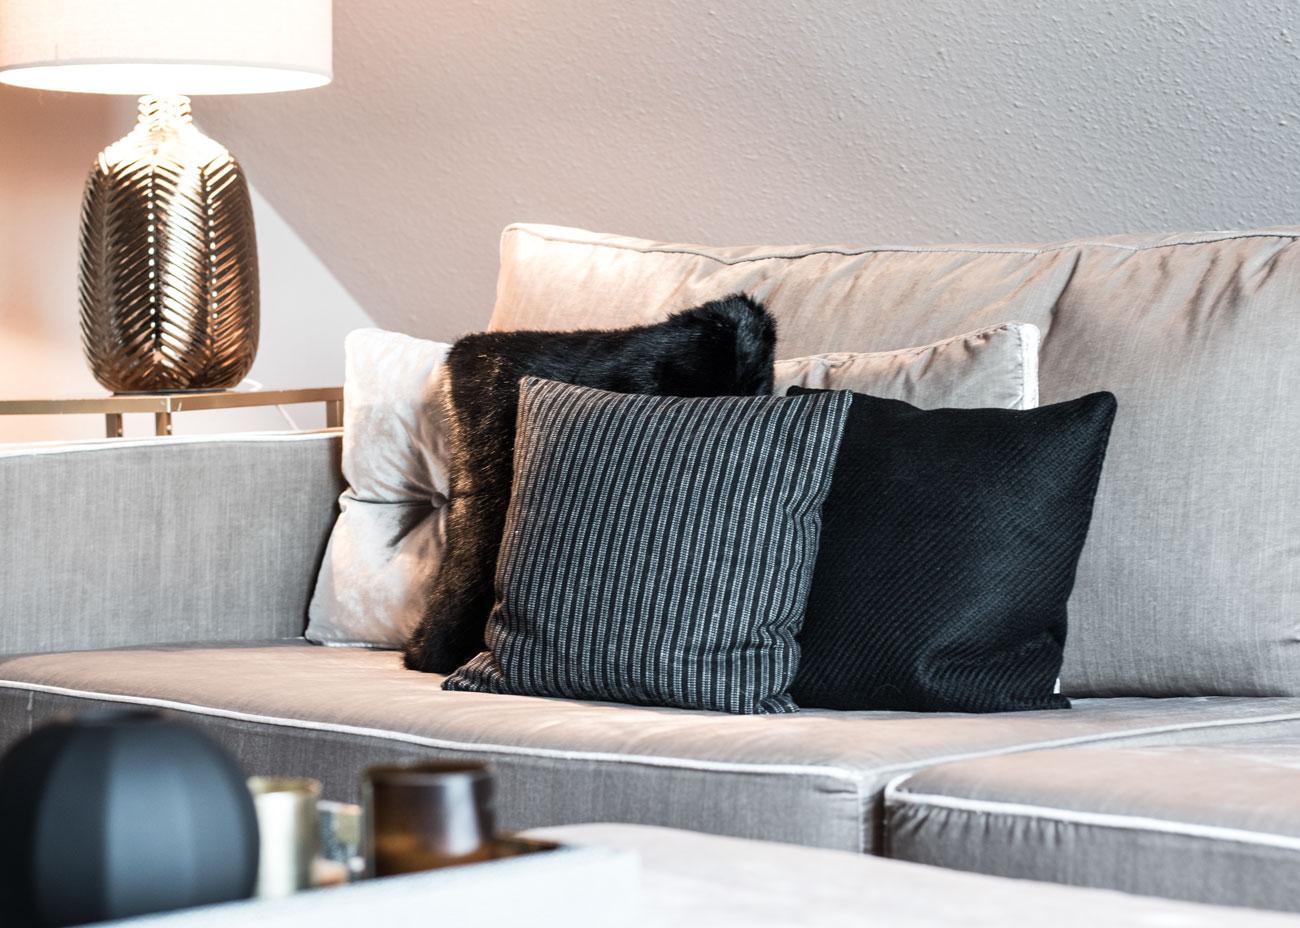 Wohnung renovieren wohnzimmer couch samt taupe kissen schwarz leuchte